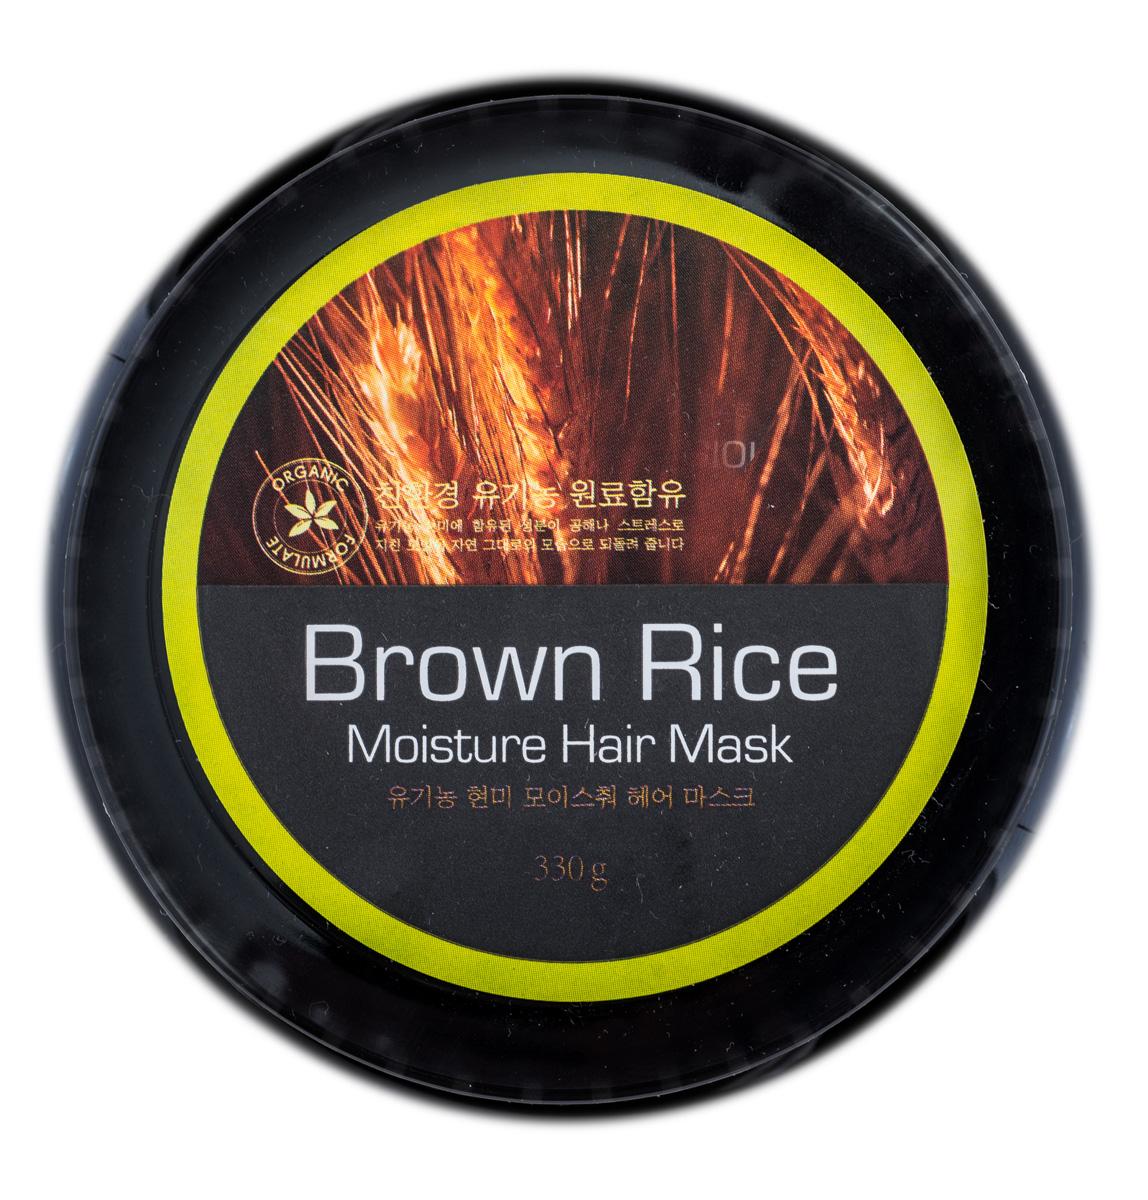 Brown Rice Маска увлажняющая Hyssop Moisture Hair Mask, 330 мл8809038599928Экстракты натурального шелка и органические ингредиенты защищают волосы от вредного воздействия окружающей среды, делая их мягкими и сияющими. Экстракт темного риса омолаживает волосы, улучщает метаболизм и циркуляцию крови, предотвращает выпадение волос. Увеличивает рост волос, обладает увлажняющим эффектом. Способствует сохранению цвета окрашенных волос. На основе вытяжкикоричневого рисаи органическогоэкстракта синего зверобоя (hyssop organic extract).Интенсивно питает, увлажняет и защищает волосы от пересыхания и ежедневных стрессов. Восстанавливает структуру волос.